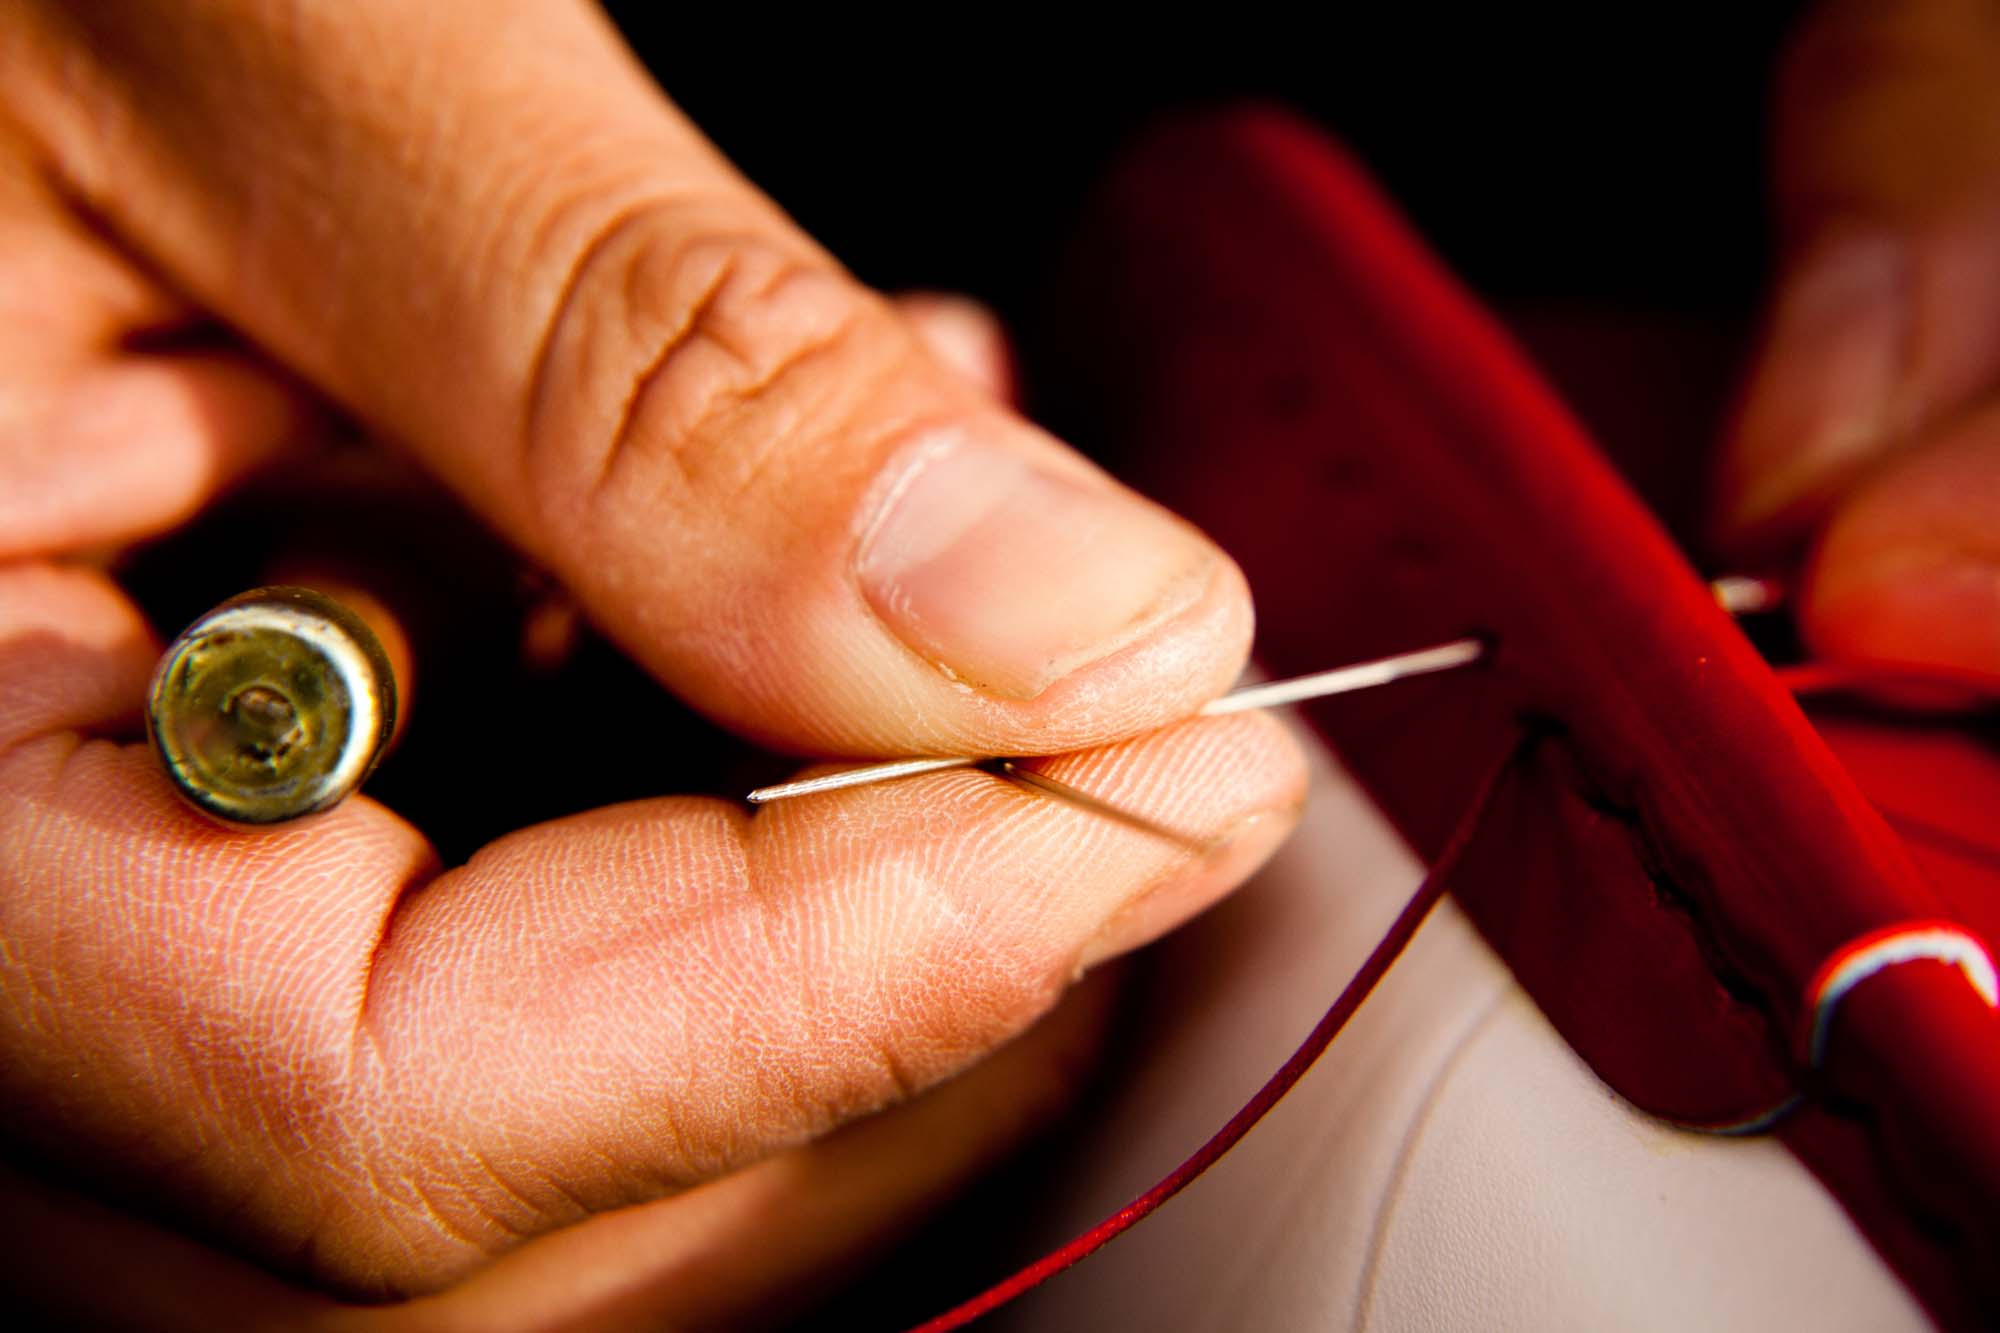 2本の糸を使った手縫いで仕上げるので、一部が切れたとしてもほどけない